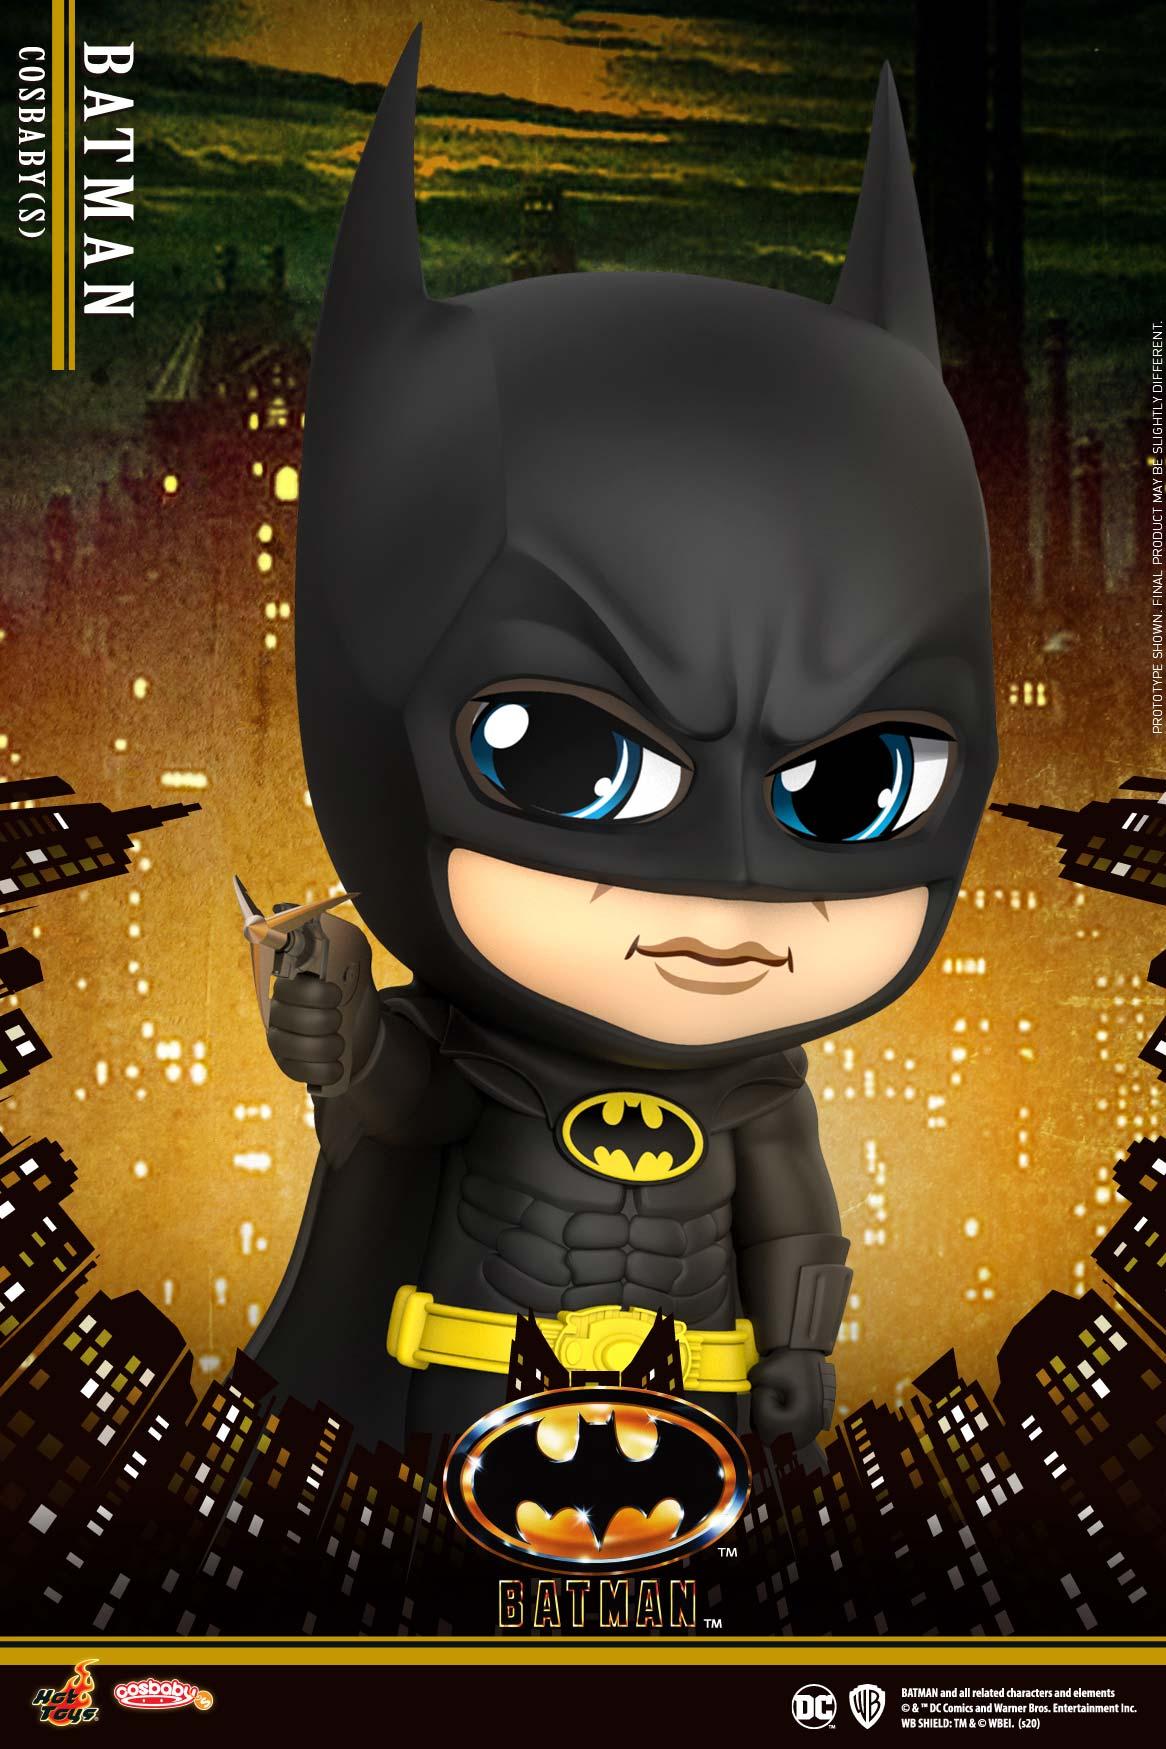 Batman-1989_COSB709_Batman_V02